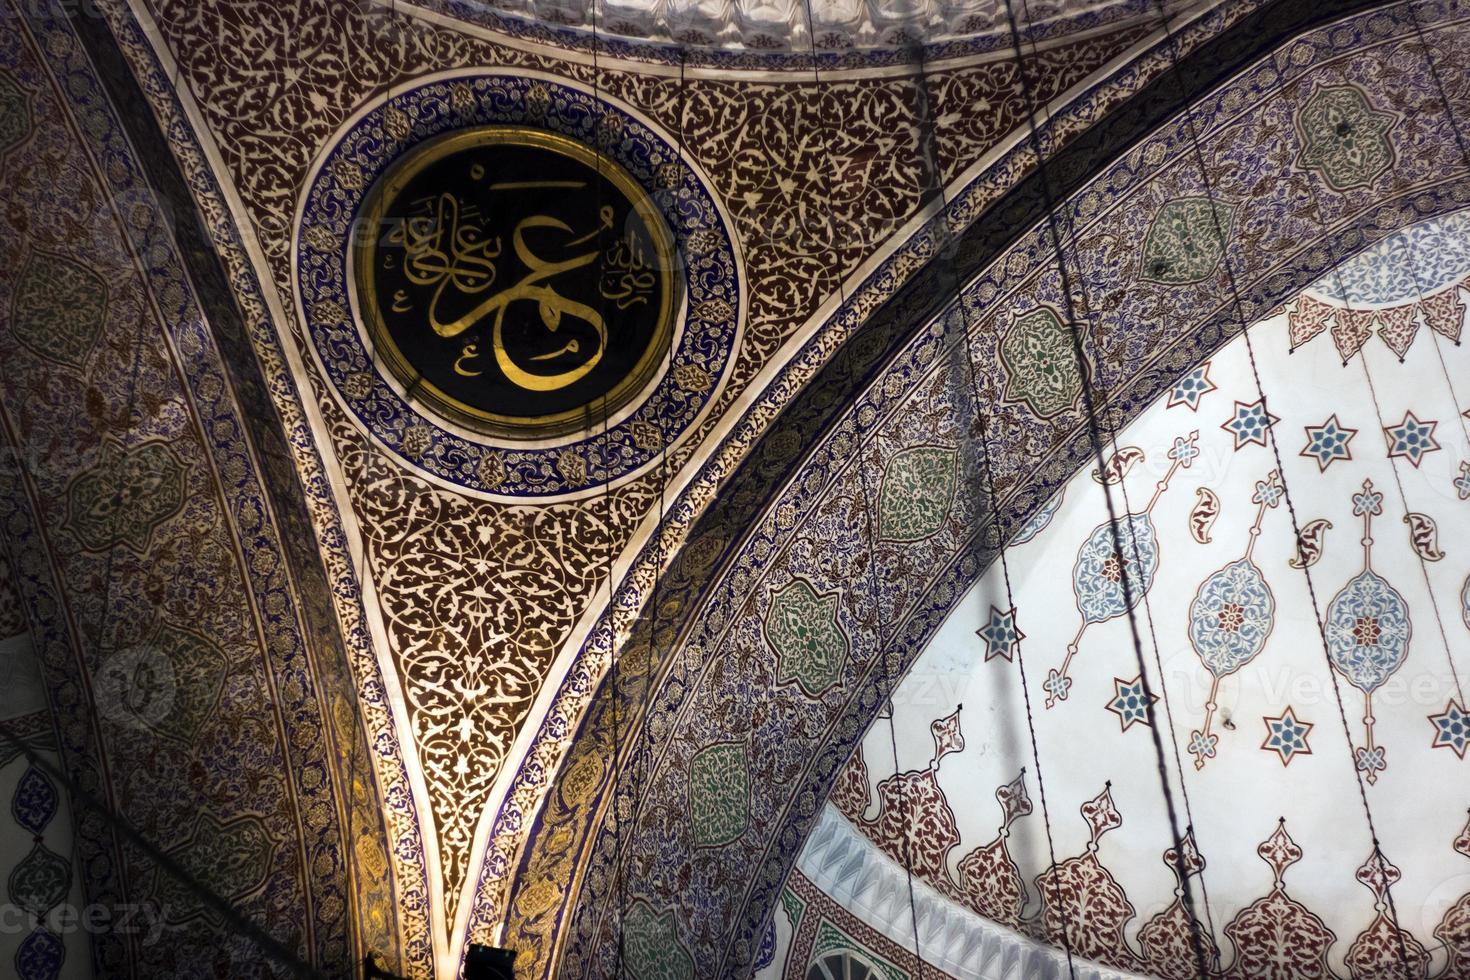 Scrittura araba in una moschea foto